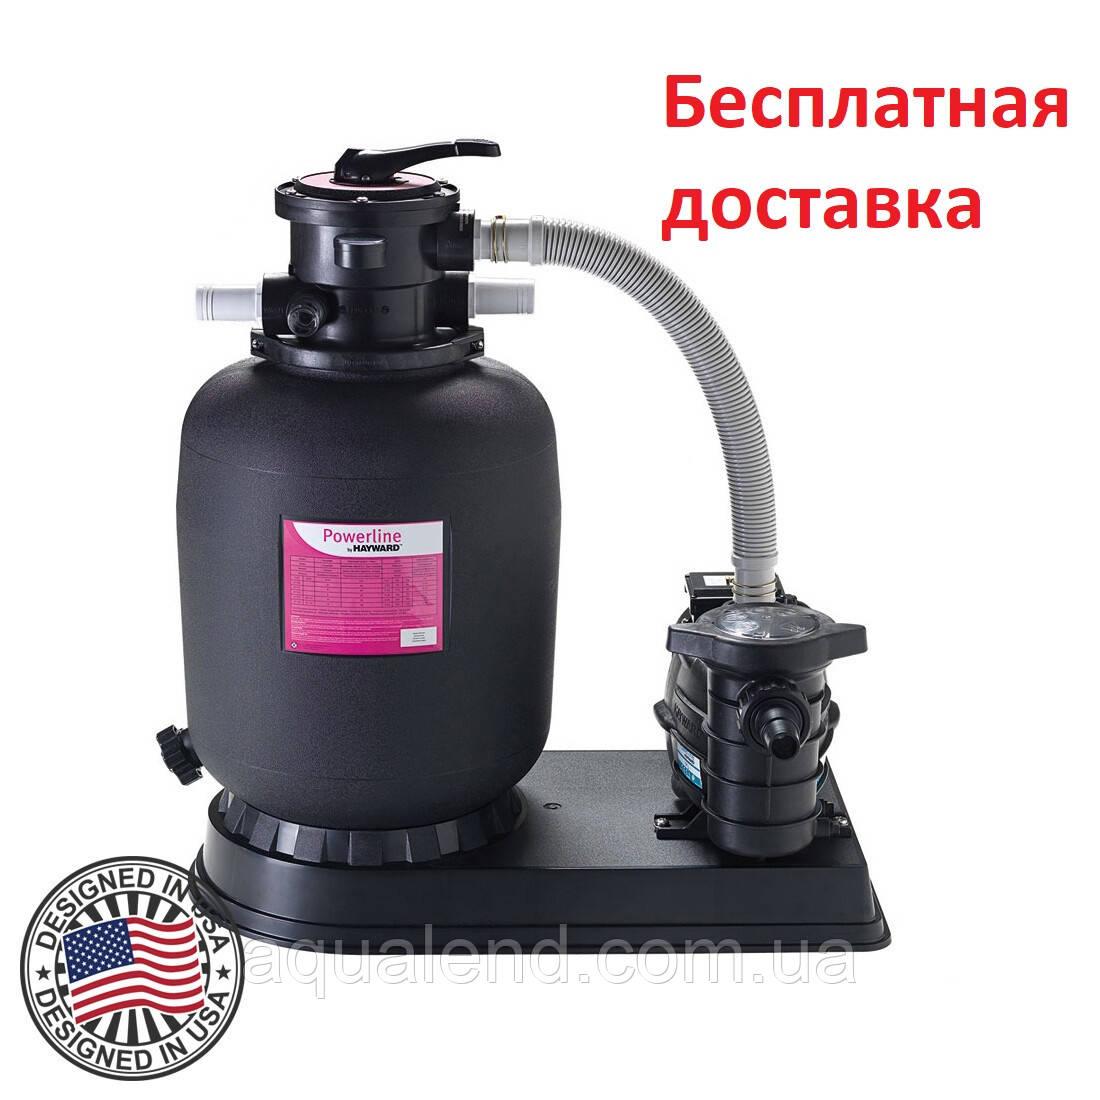 Пісочна фільтраційна установка Hayward PowerLine 81070 (6 м3/год, D401)